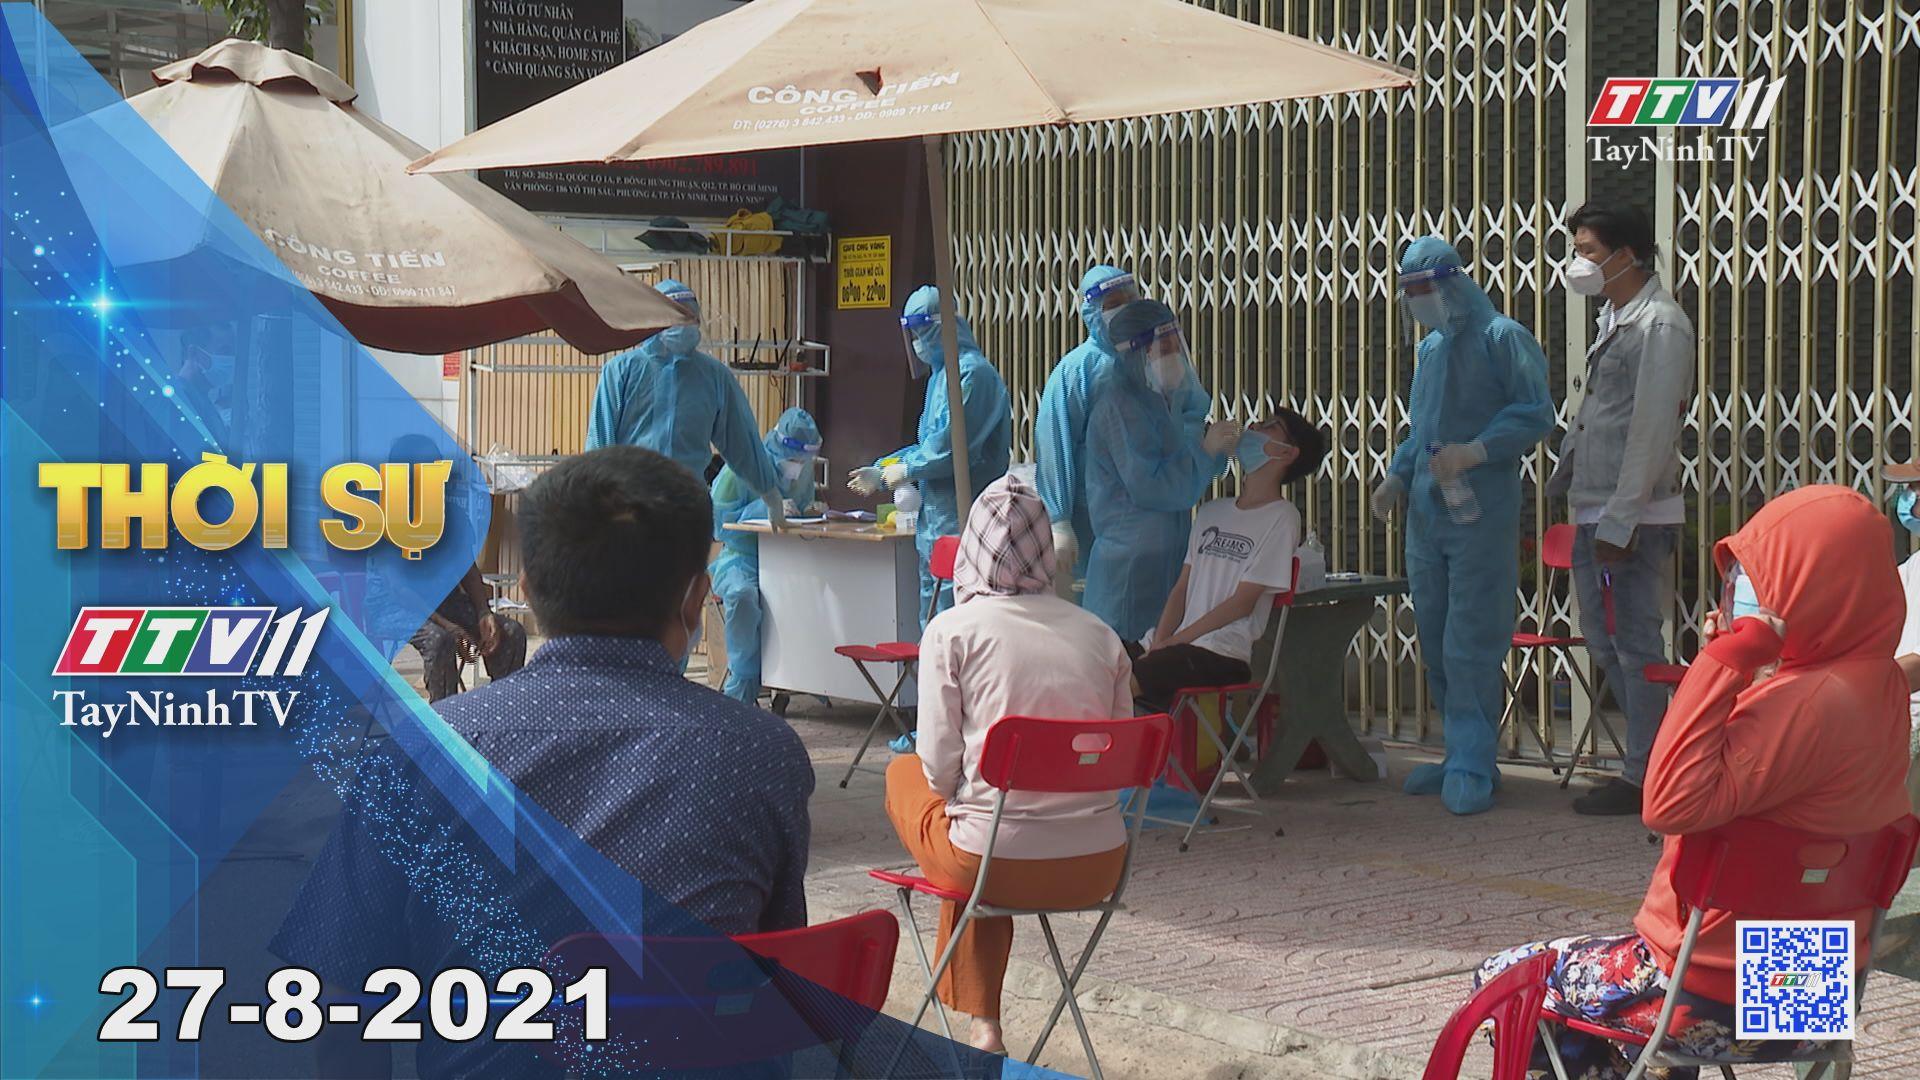 Thời sự Tây Ninh 27-8-2021 | Tin tức hôm nay | TayNinhTV